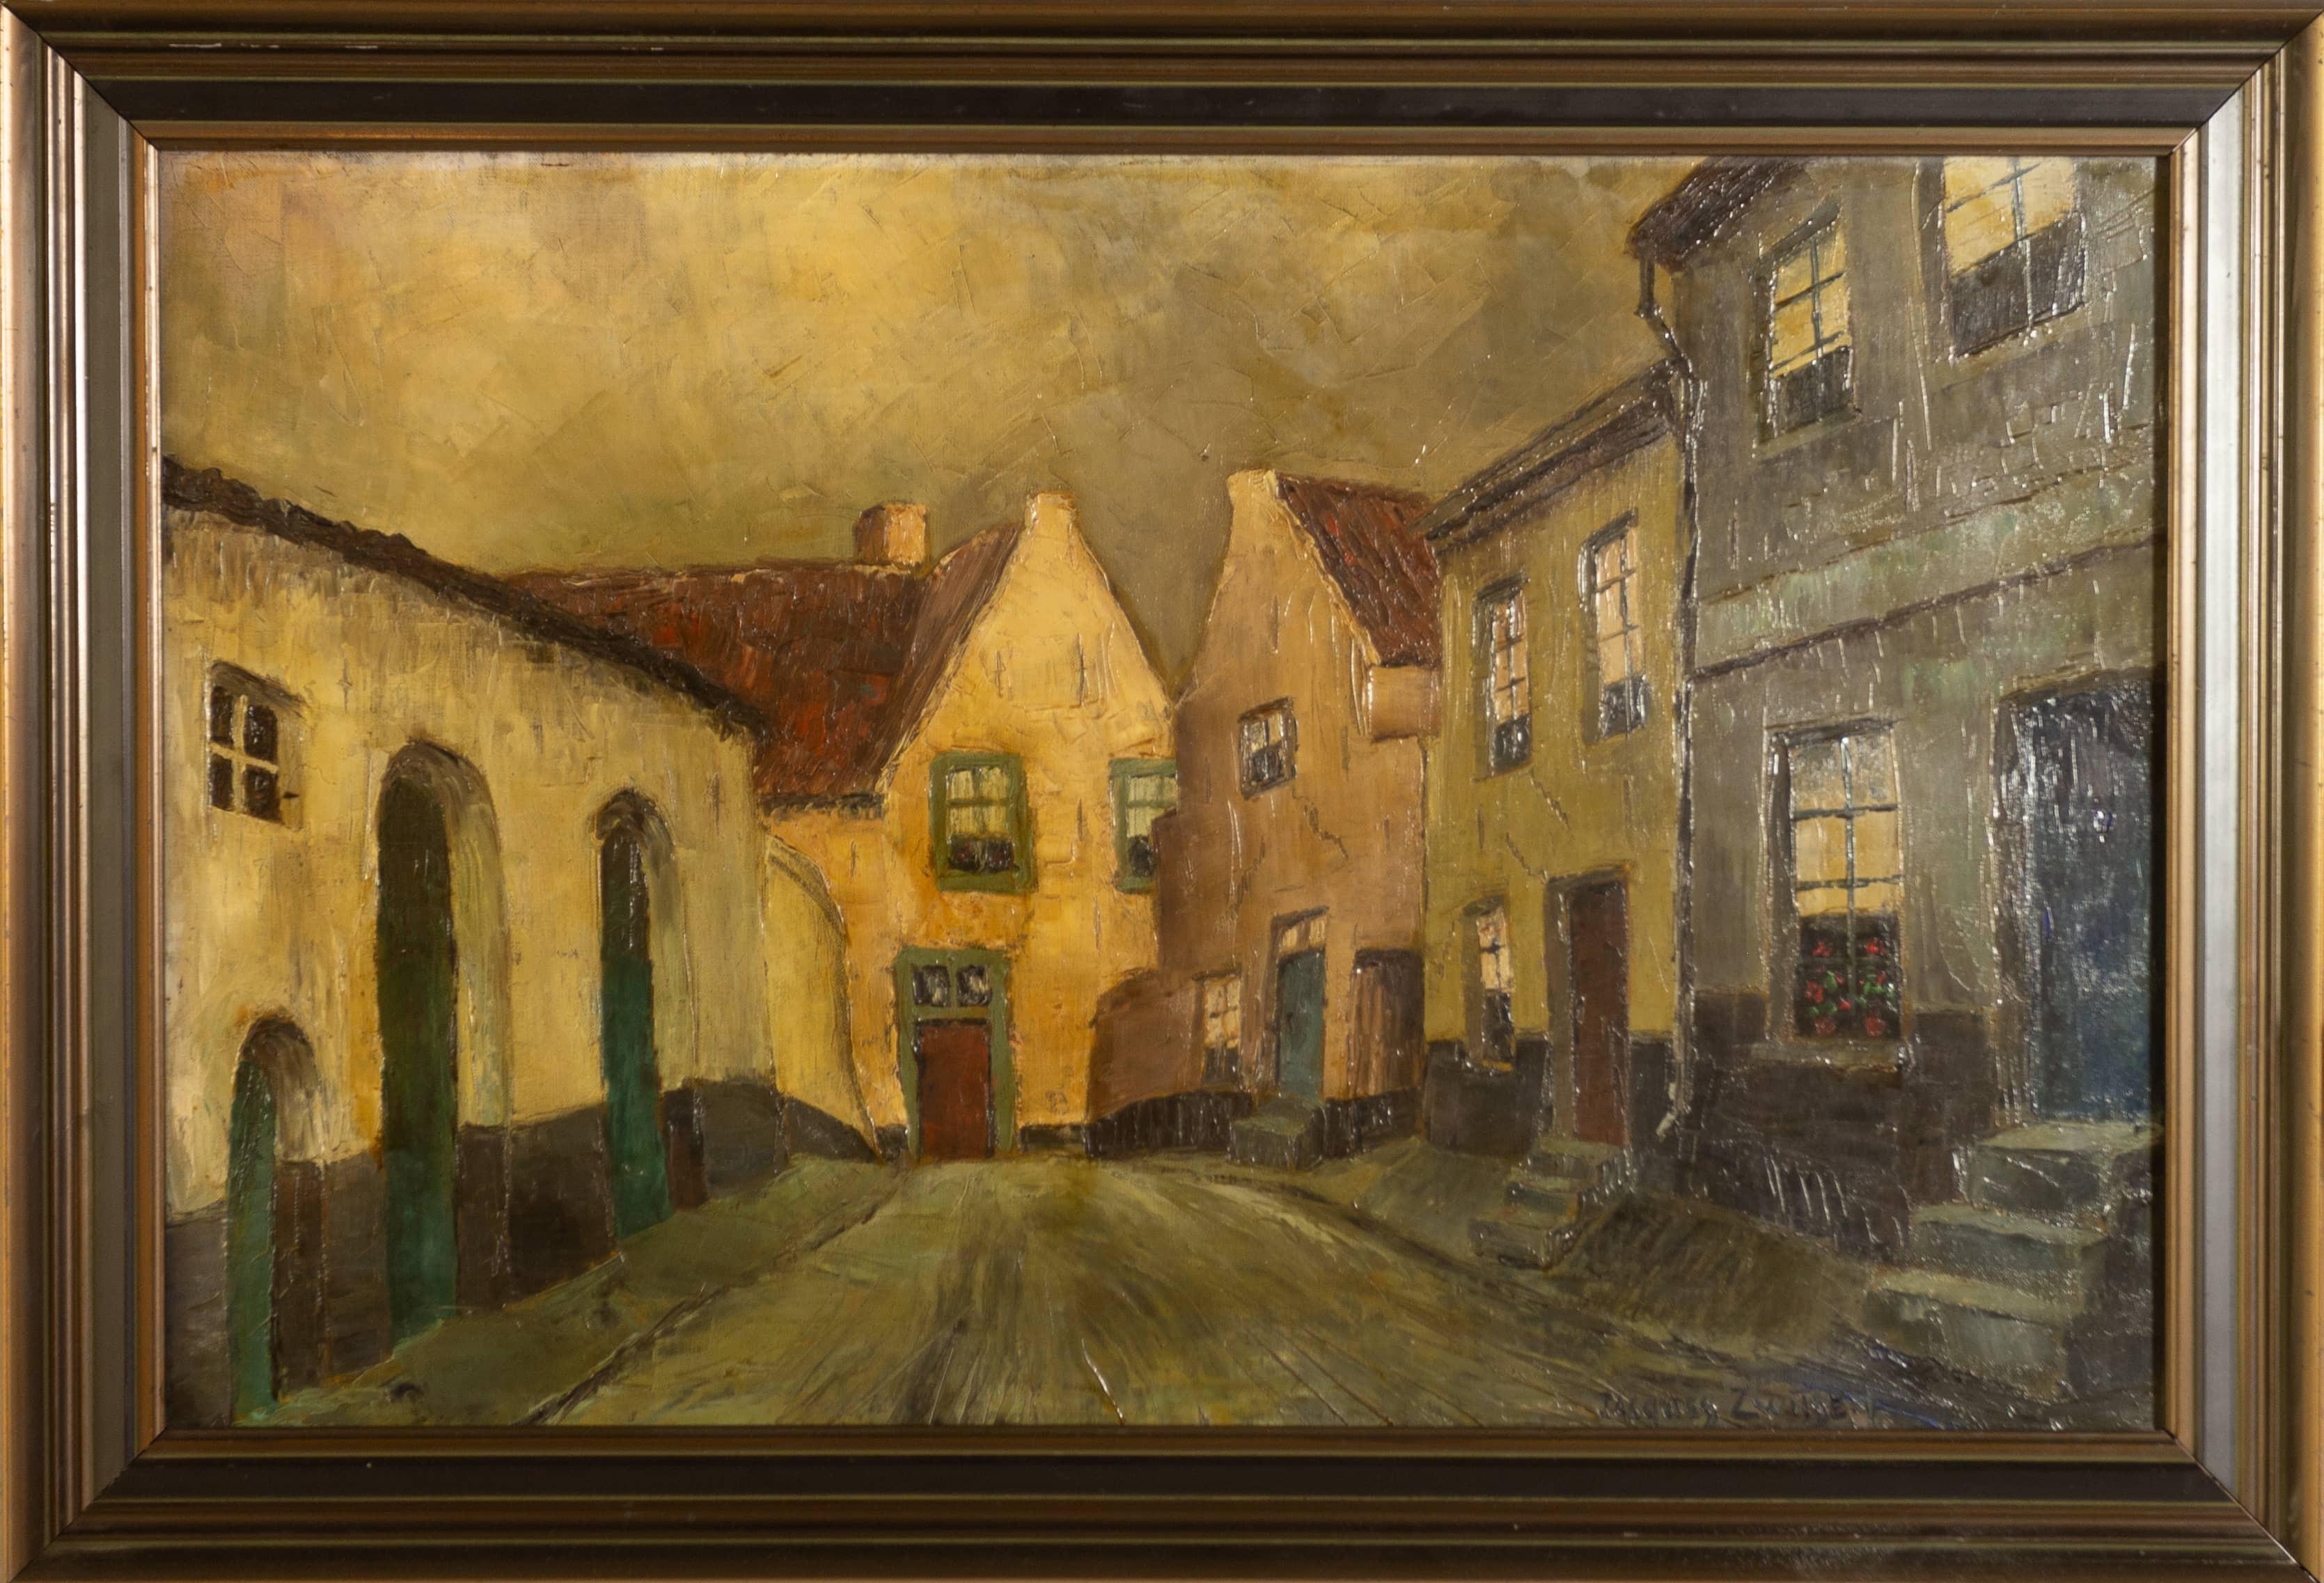 Daalstraat Thorn - Jacques Zwijsen - ca. 1930, olieverf op doek, 45 x 70 cm